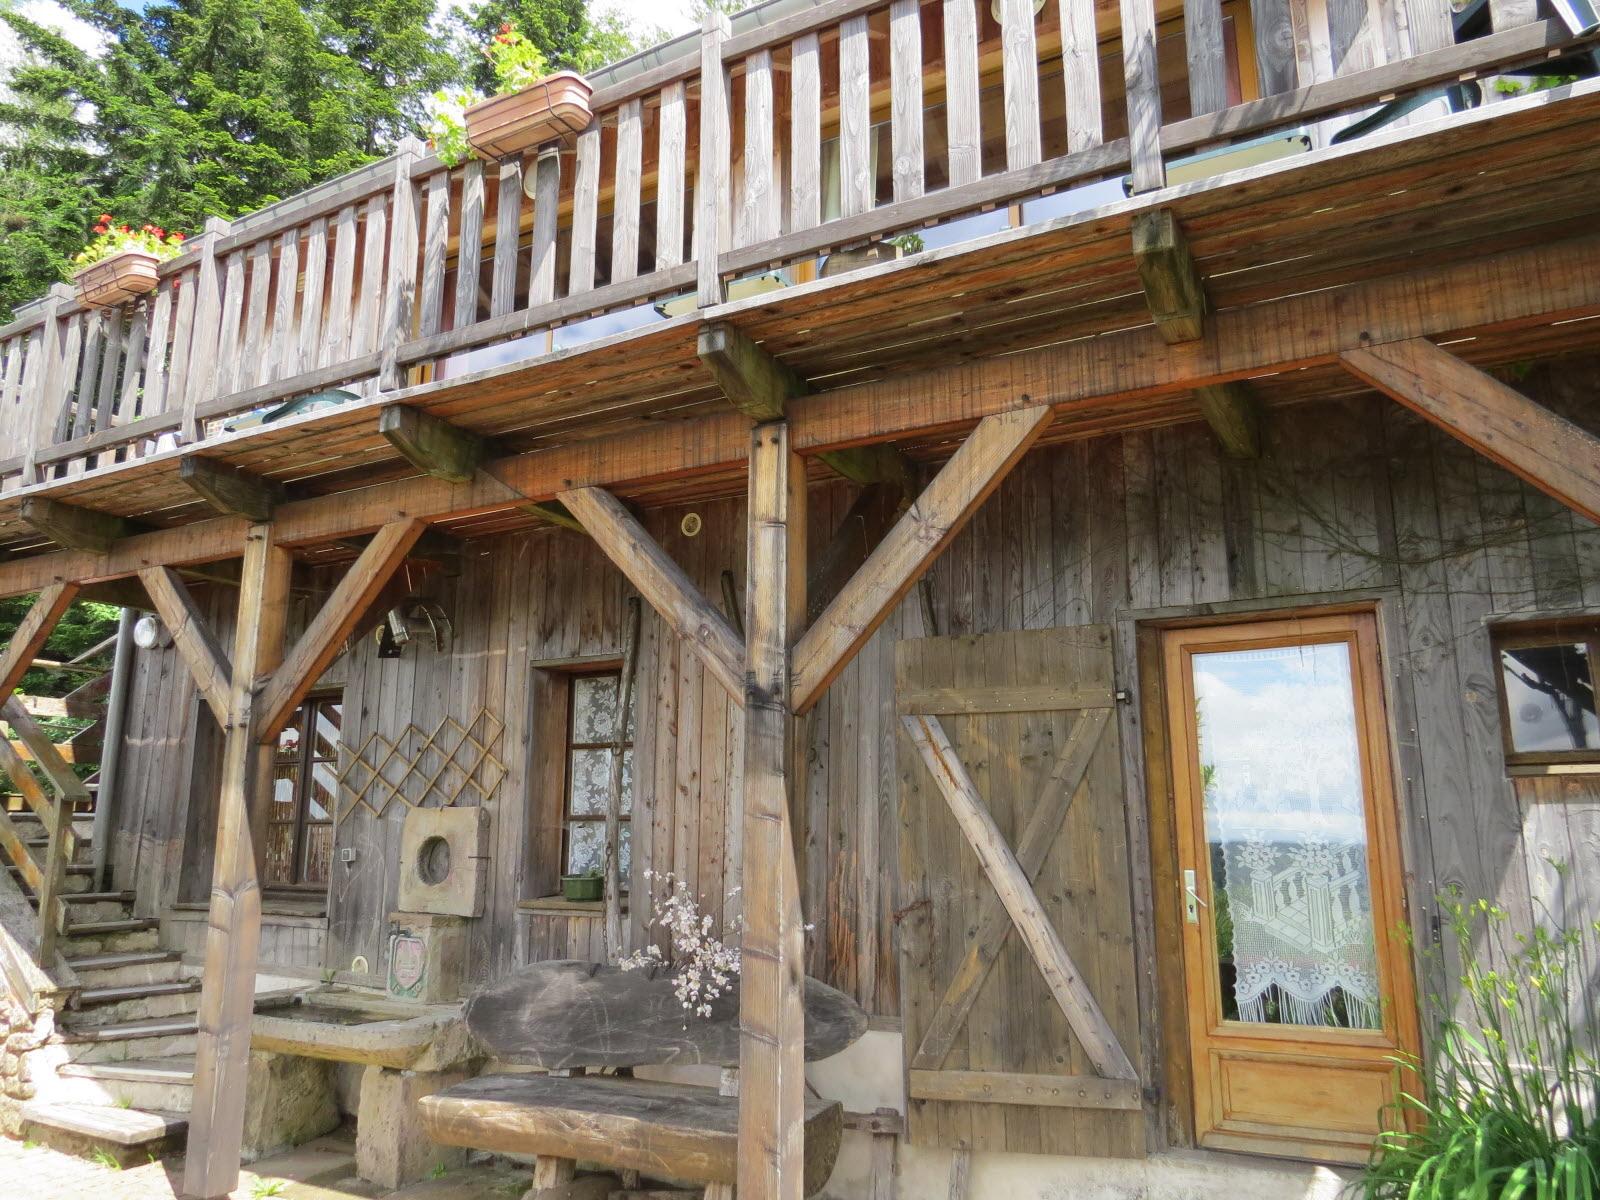 la-ferme-saint-vallier-du-girmont-val-d-ajol-en-images-1470862123_10